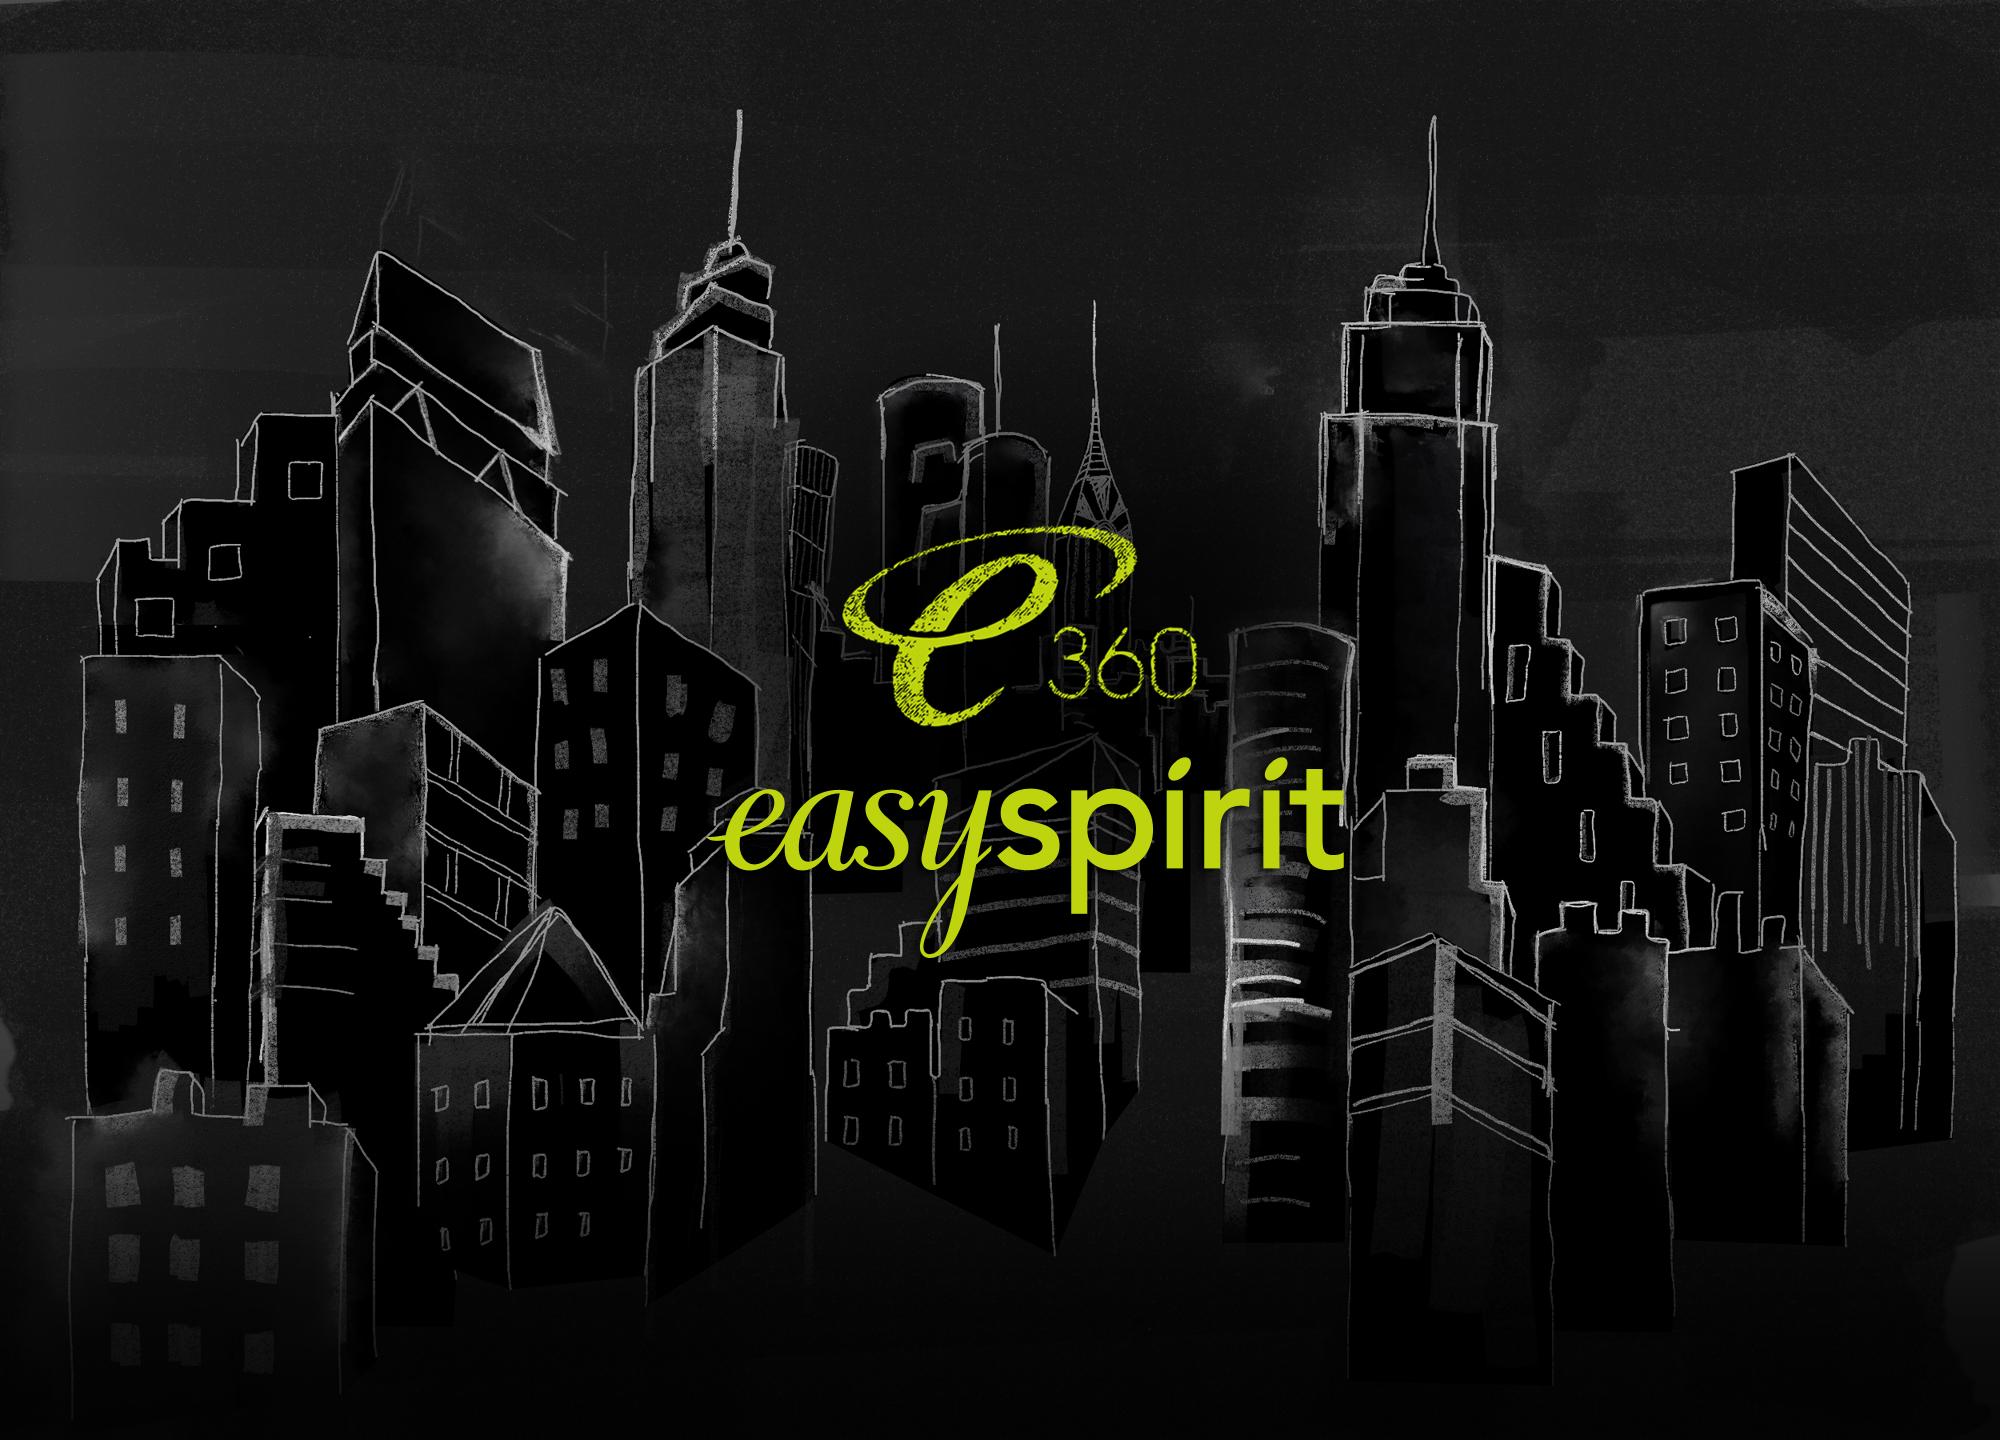 Easy Spirit e360